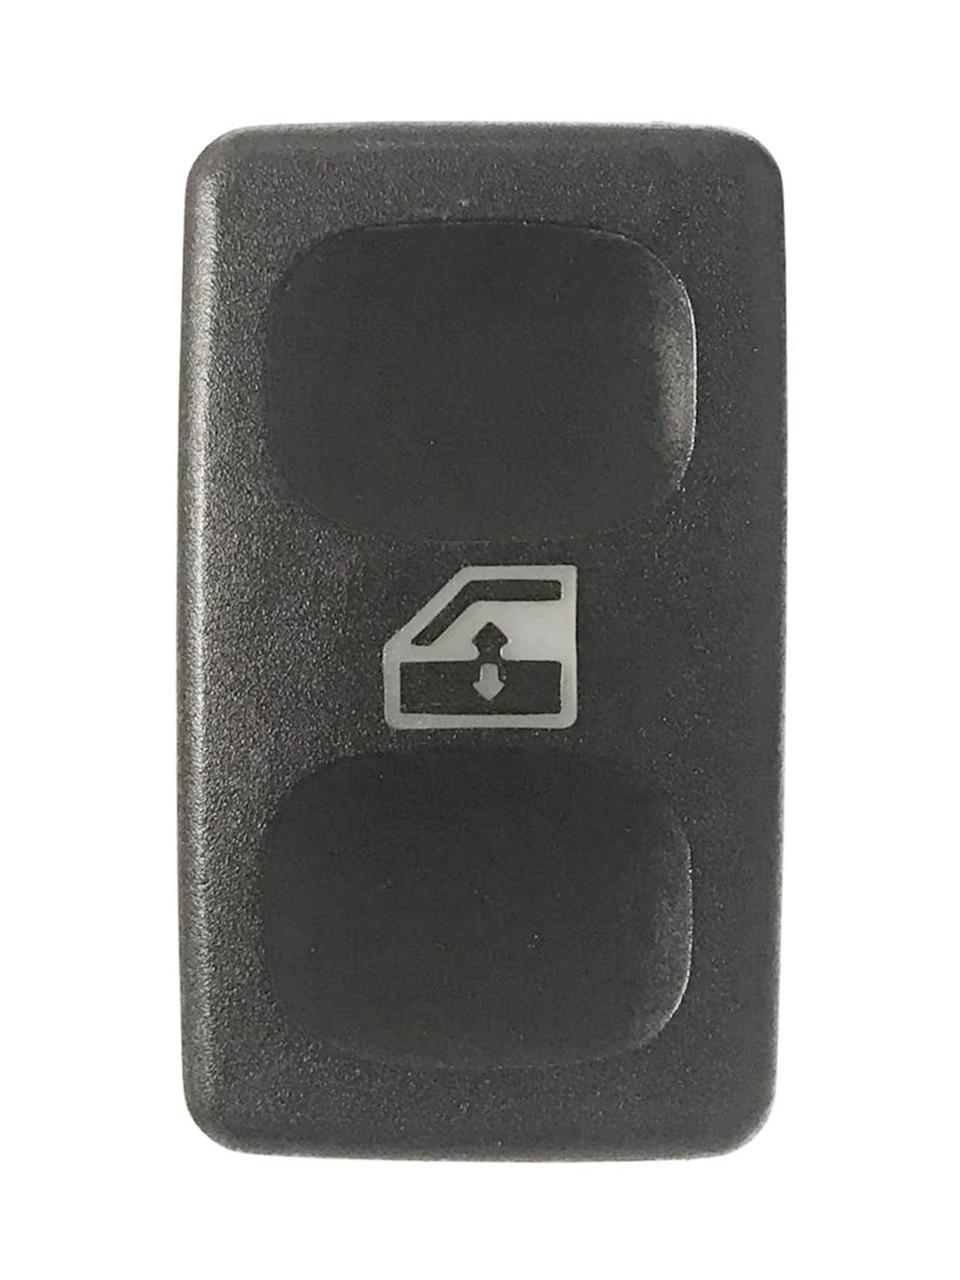 Botão Interruptor De Vidro Elétrico 3259598551 Vw Gol Gts Santana 87 88 89 90